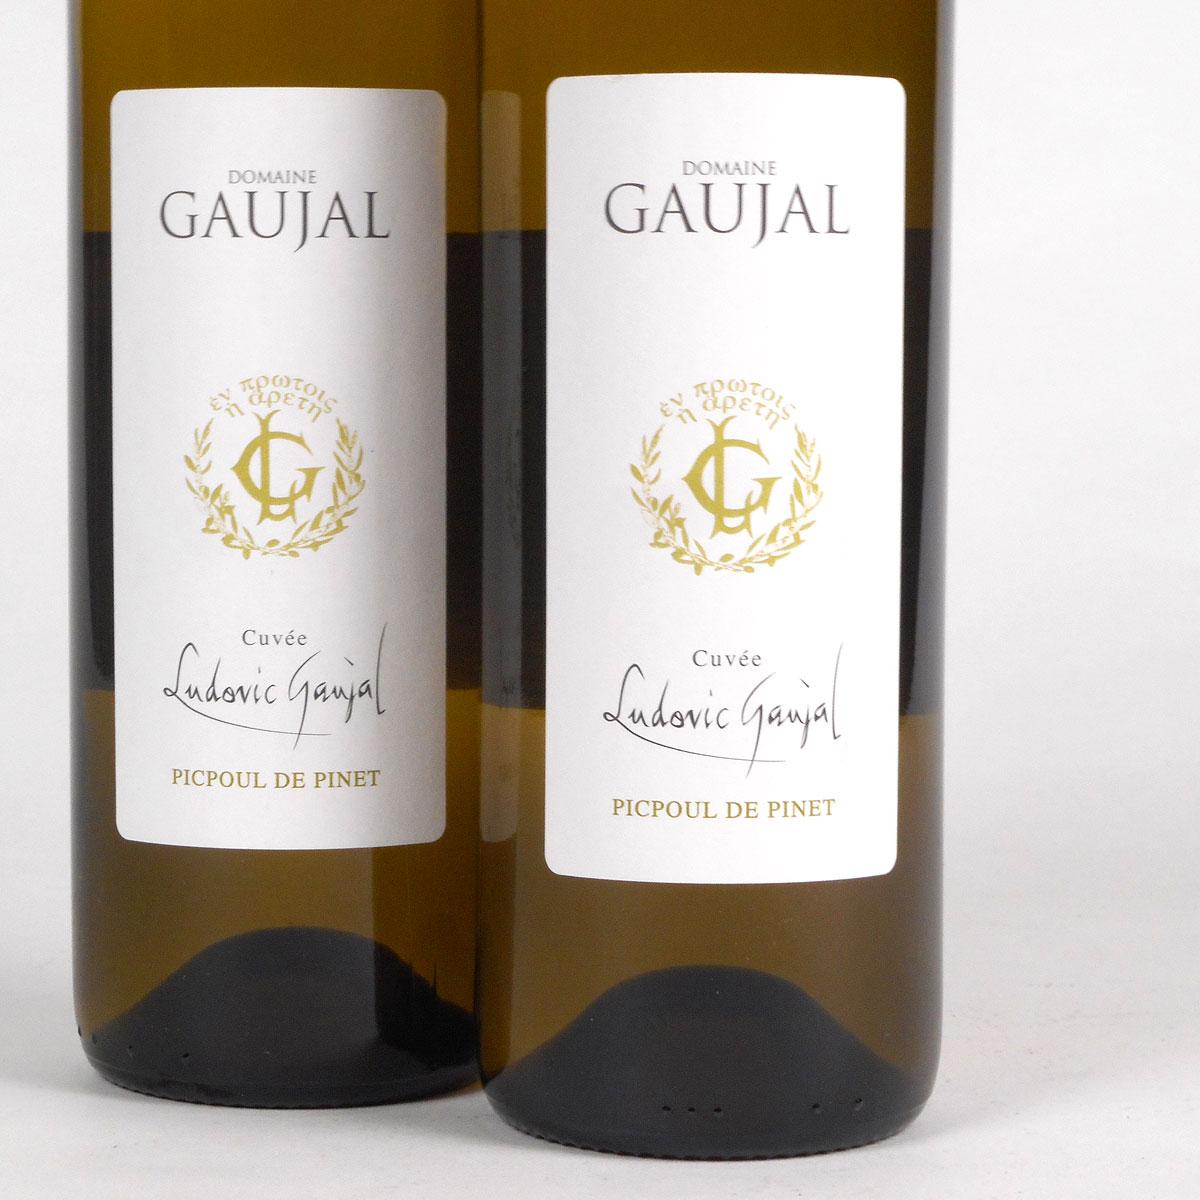 Picpoul de Pinet: Domaine Gaujal 2019